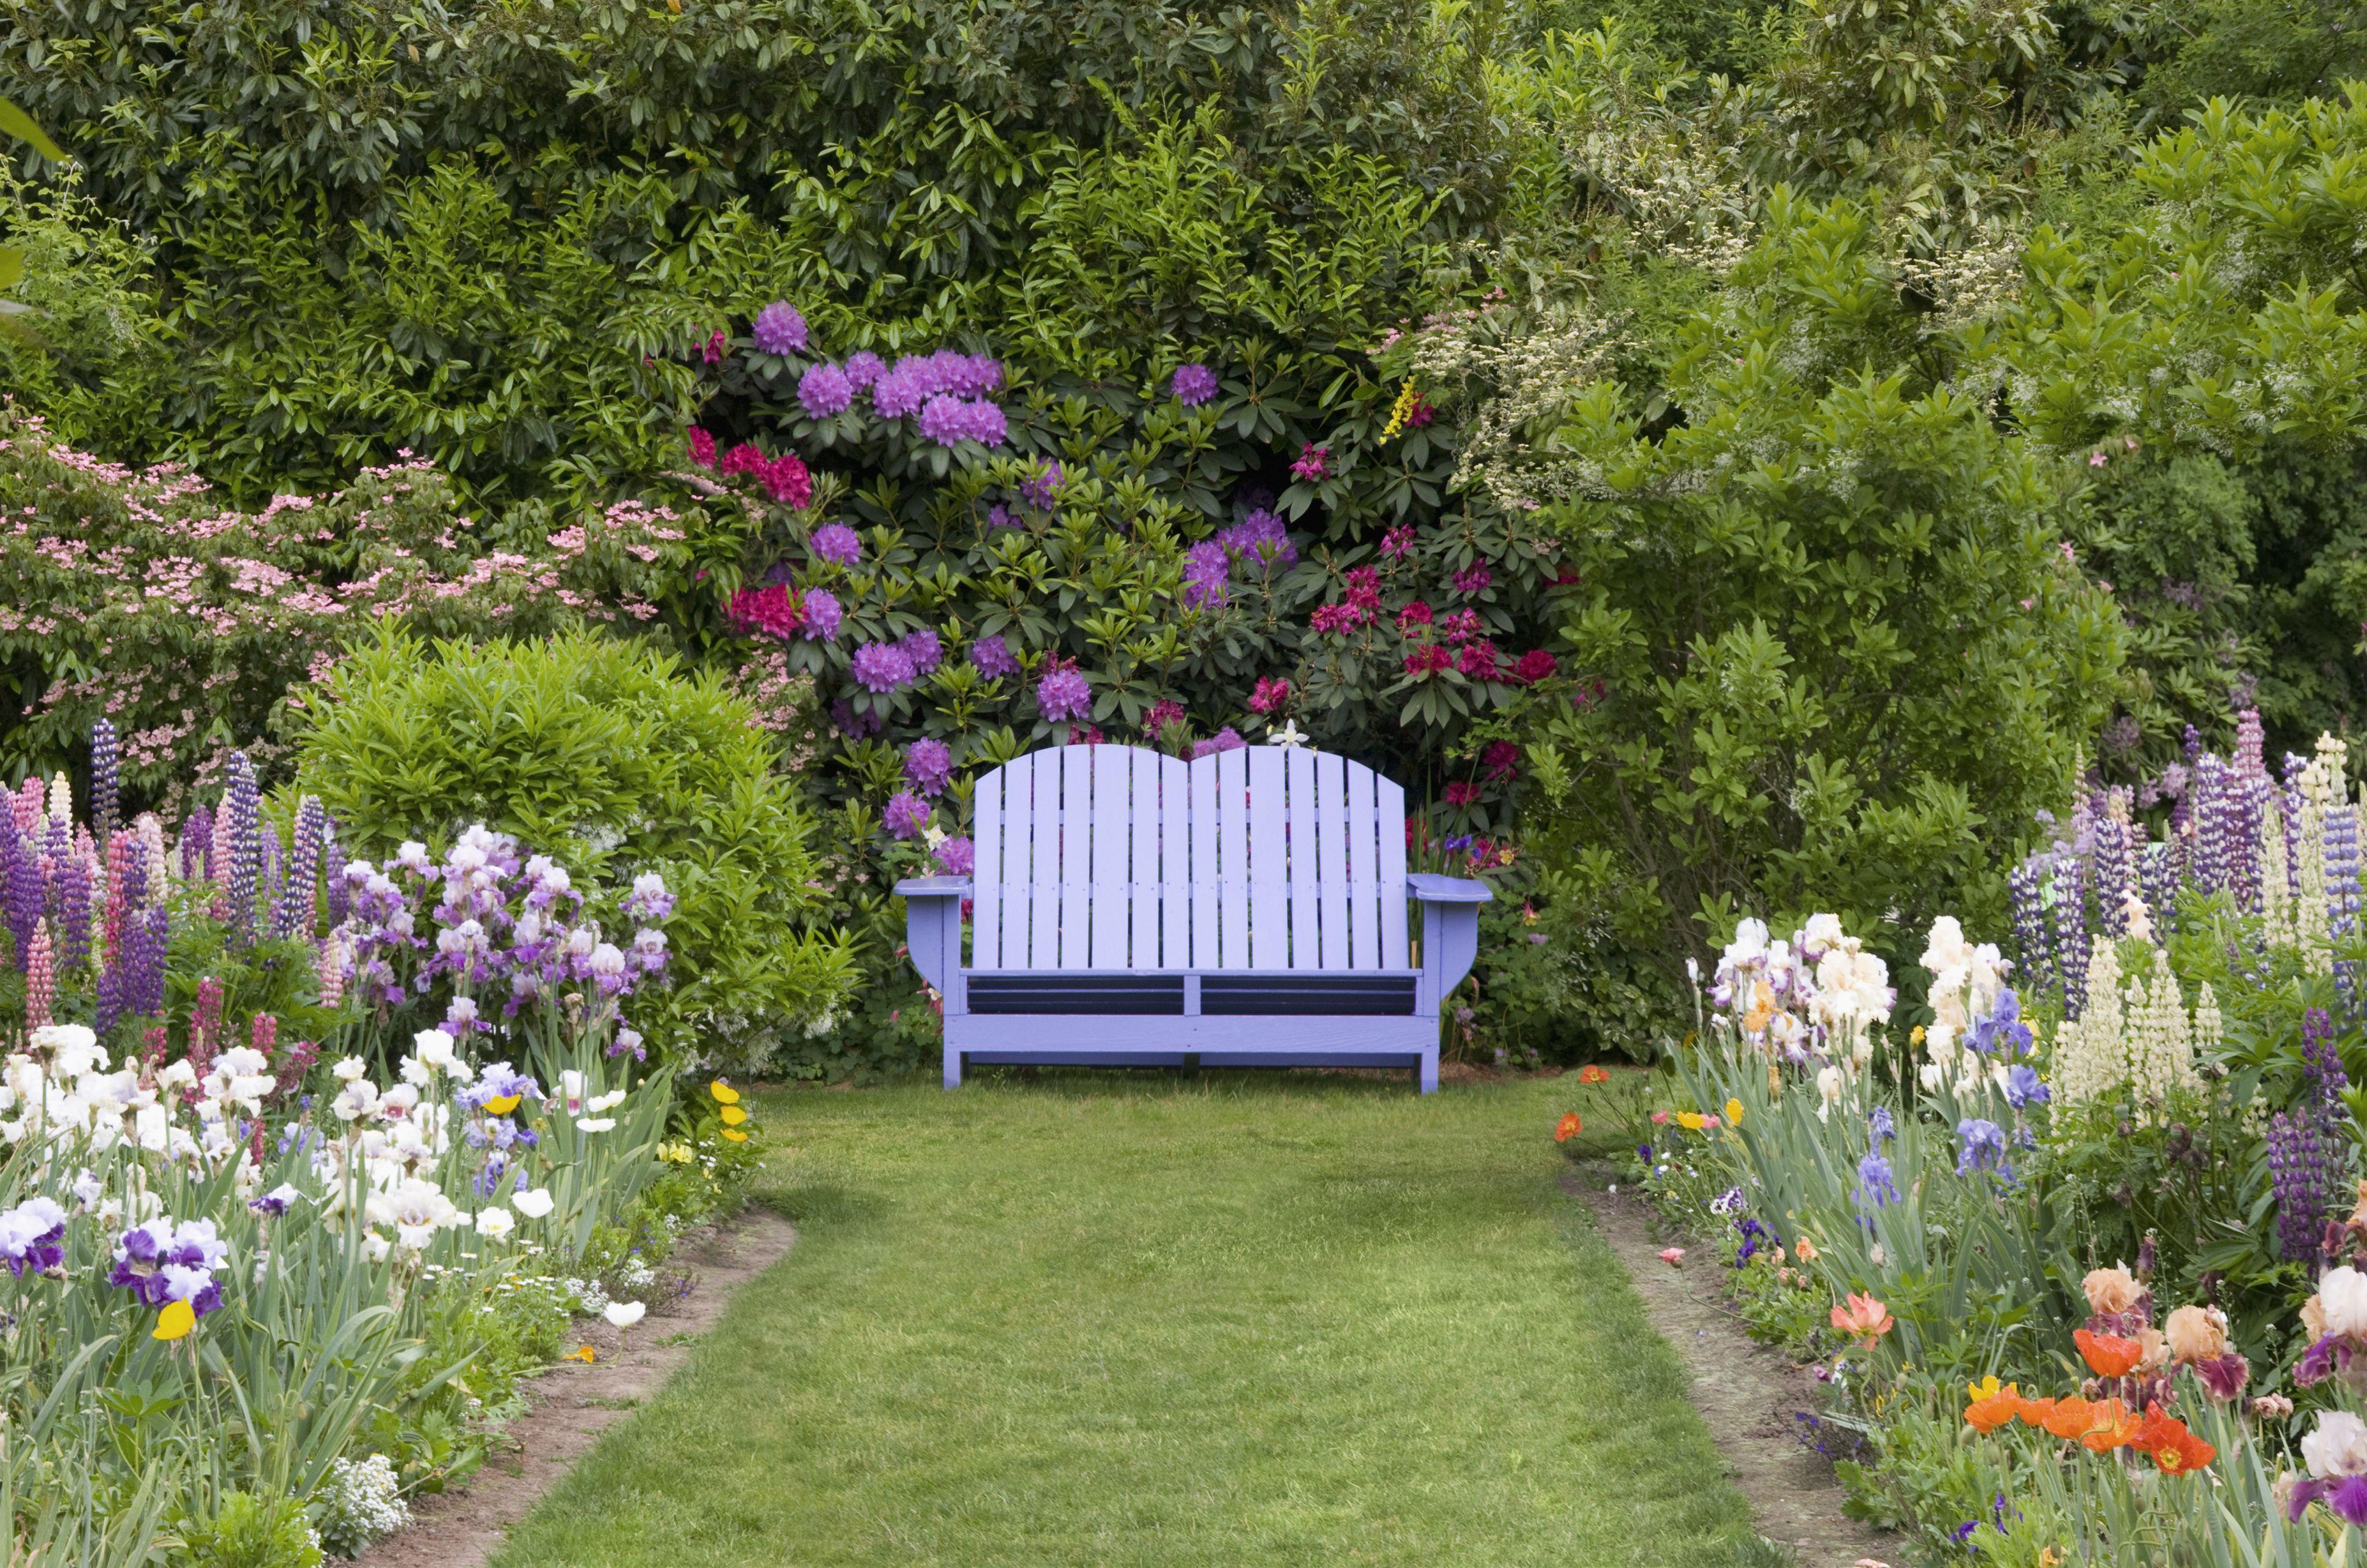 Spring Garden Bench